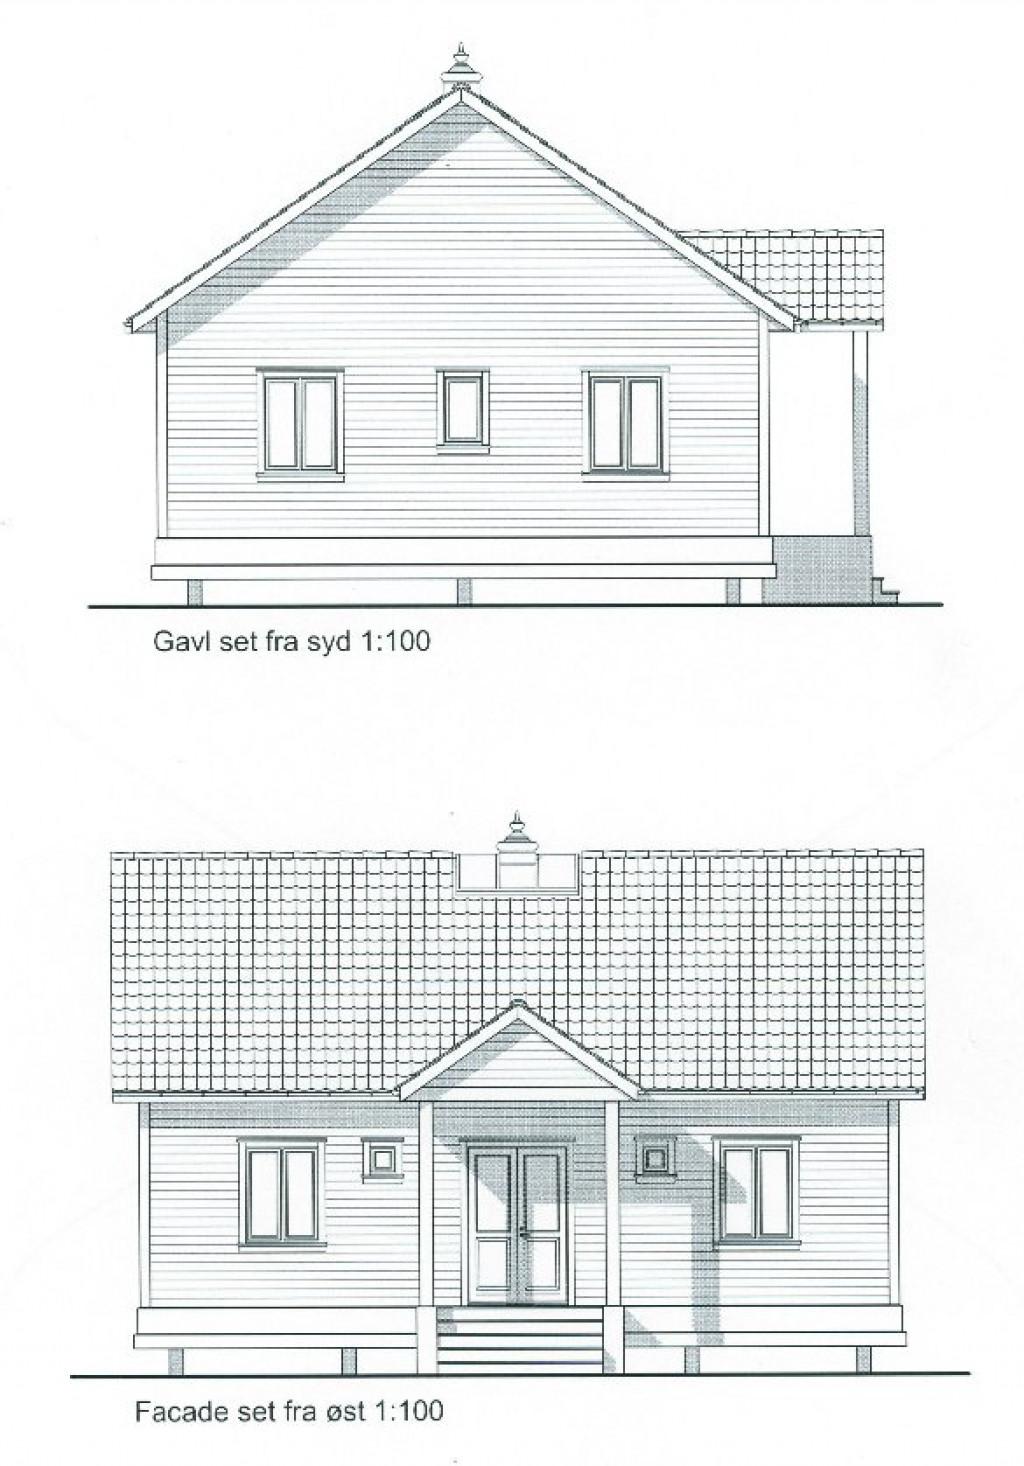 Syv sammenhængende grunde i Sverige - Vastu-hus_ca._100_m2._3f4dc040811919aa1ecb3f0f0d6bdc89